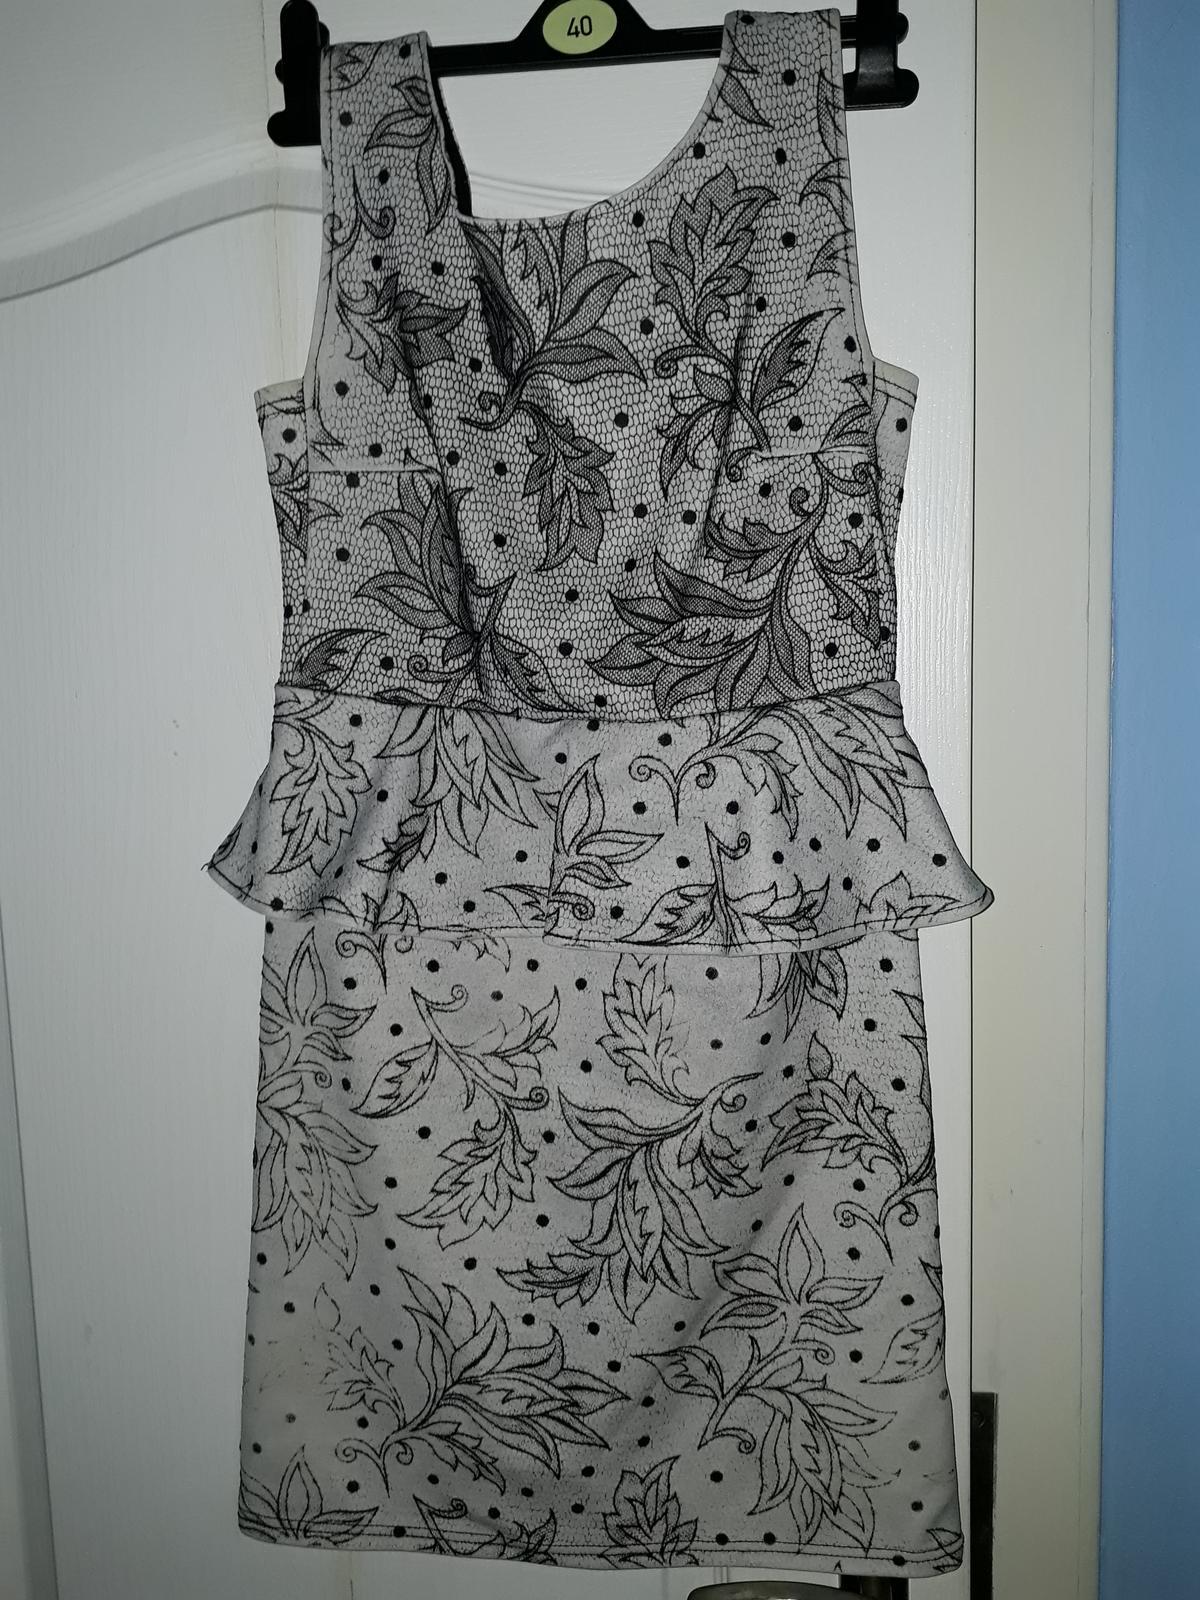 dámské šaty s volánkem, vel M, Apricot - Obrázek č. 1